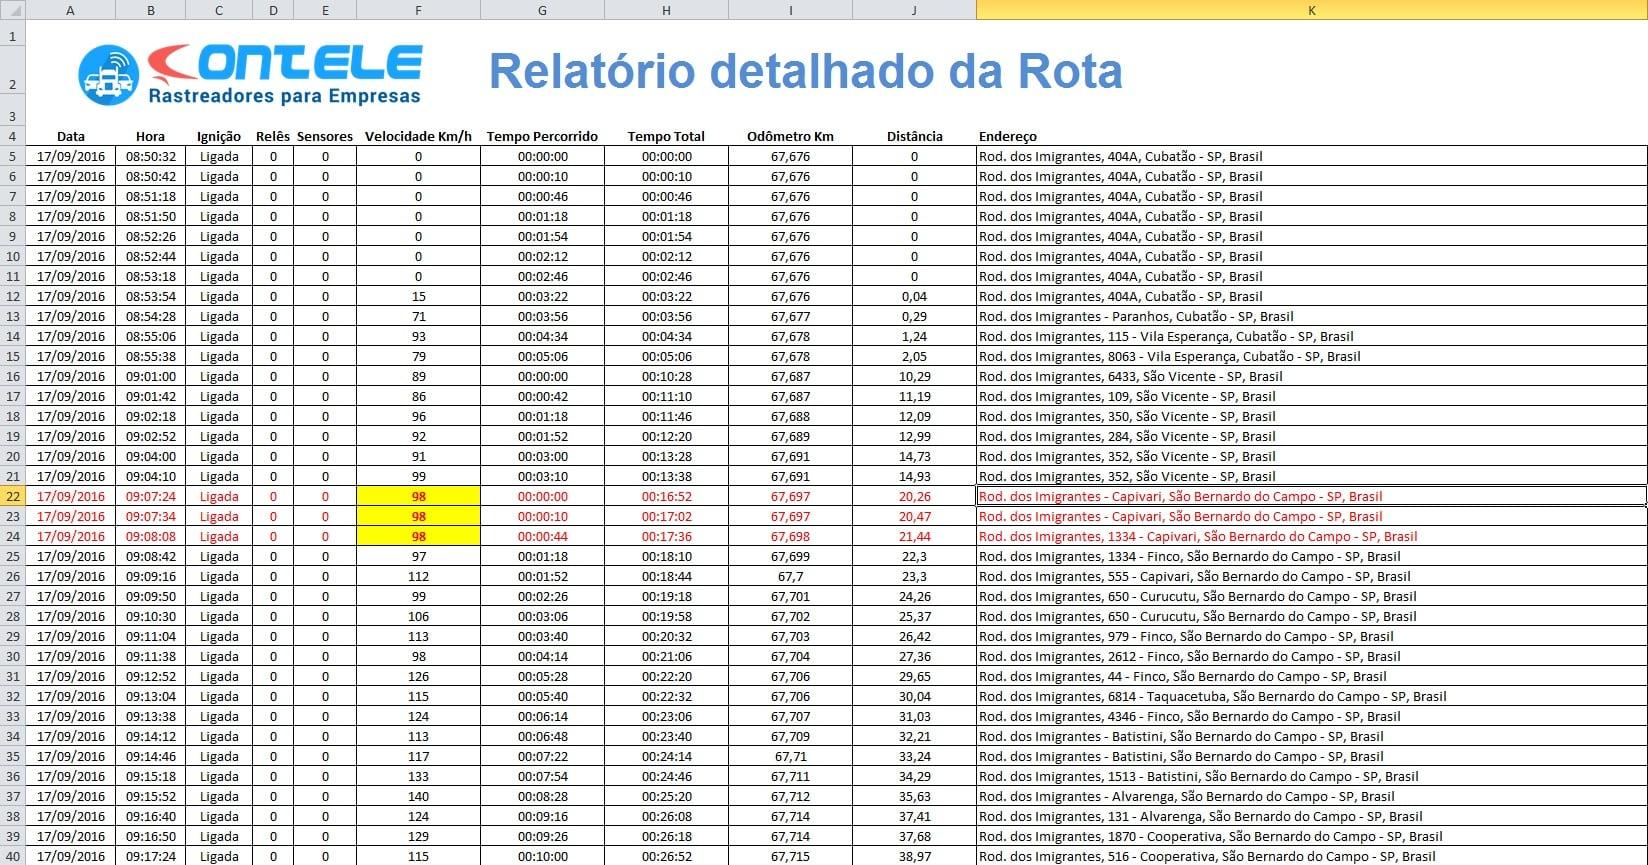 Velocidade mostrada no relatório detalhado da Rota.